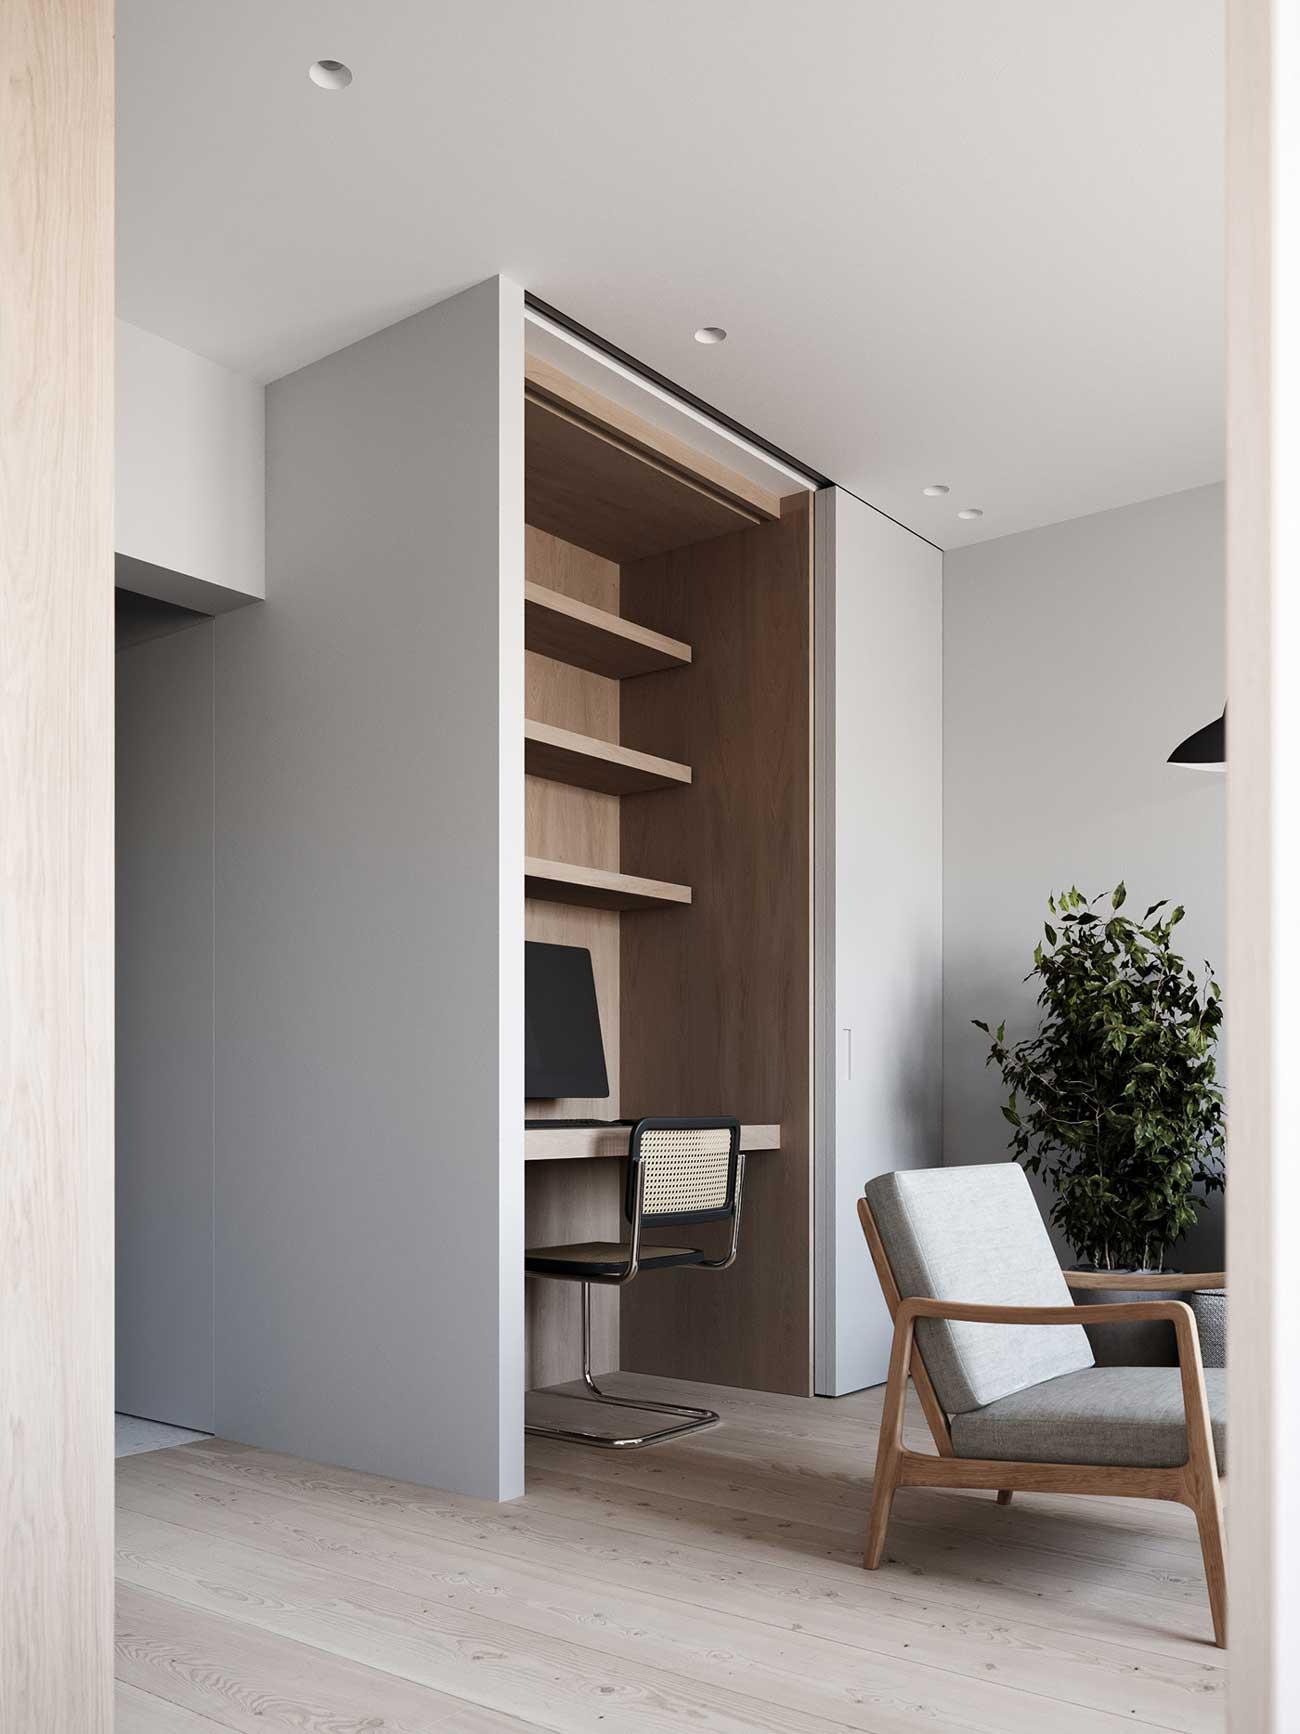 Un espace minimaliste où le bureau est situé dans une armoire à portes coulissantes